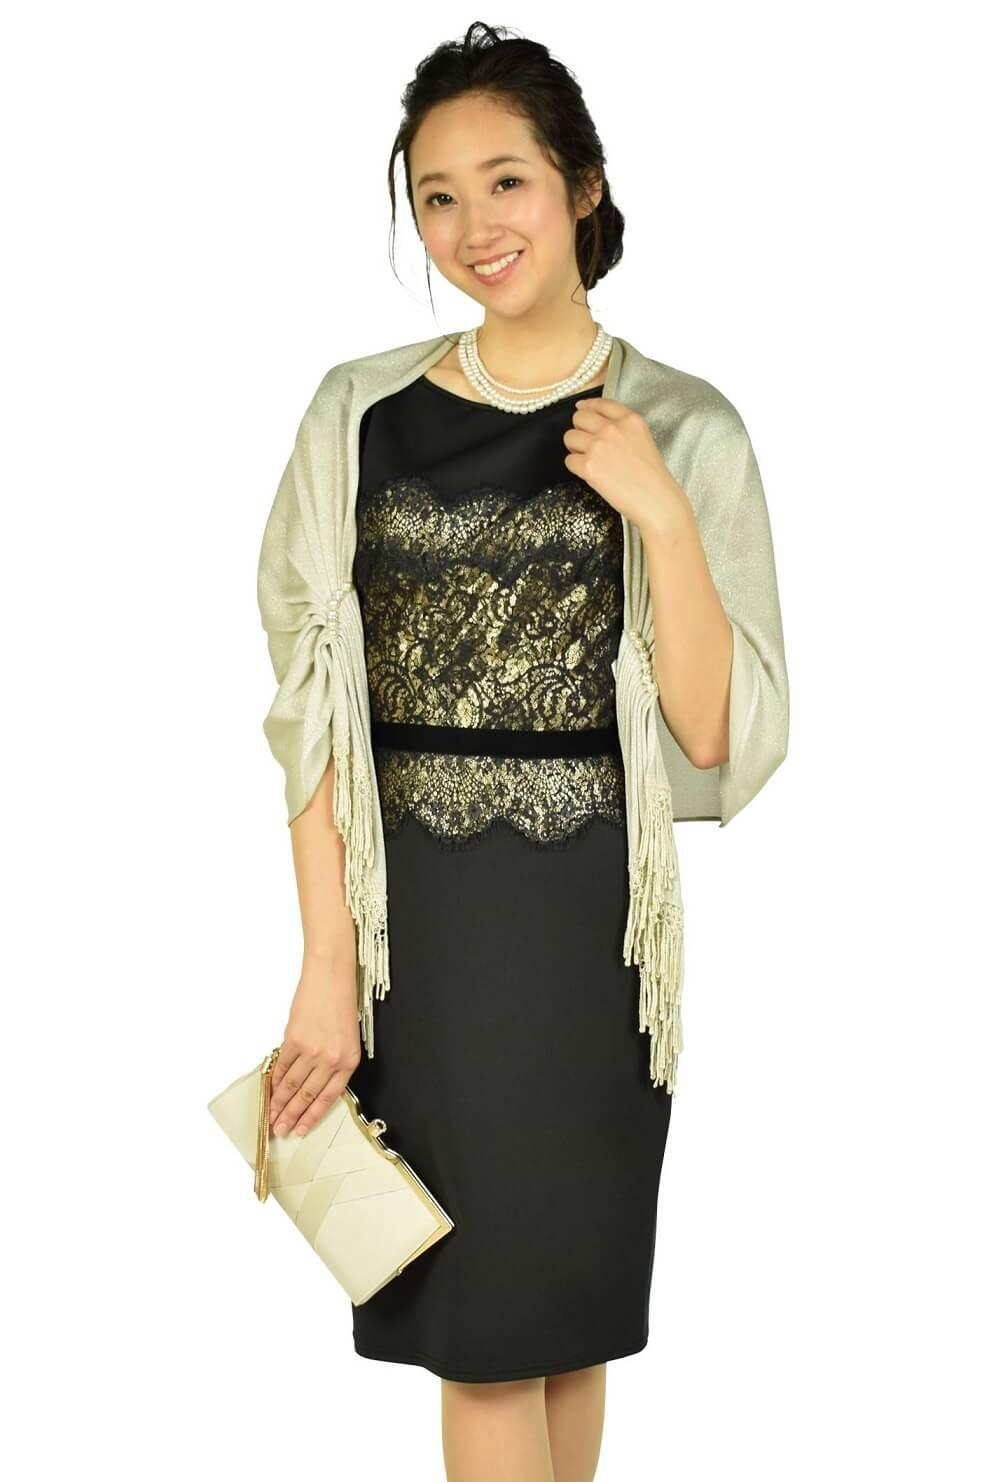 タダシ・ショージ(Tadashi Shoji) エレガントブラック×ゴールドタイトドレス